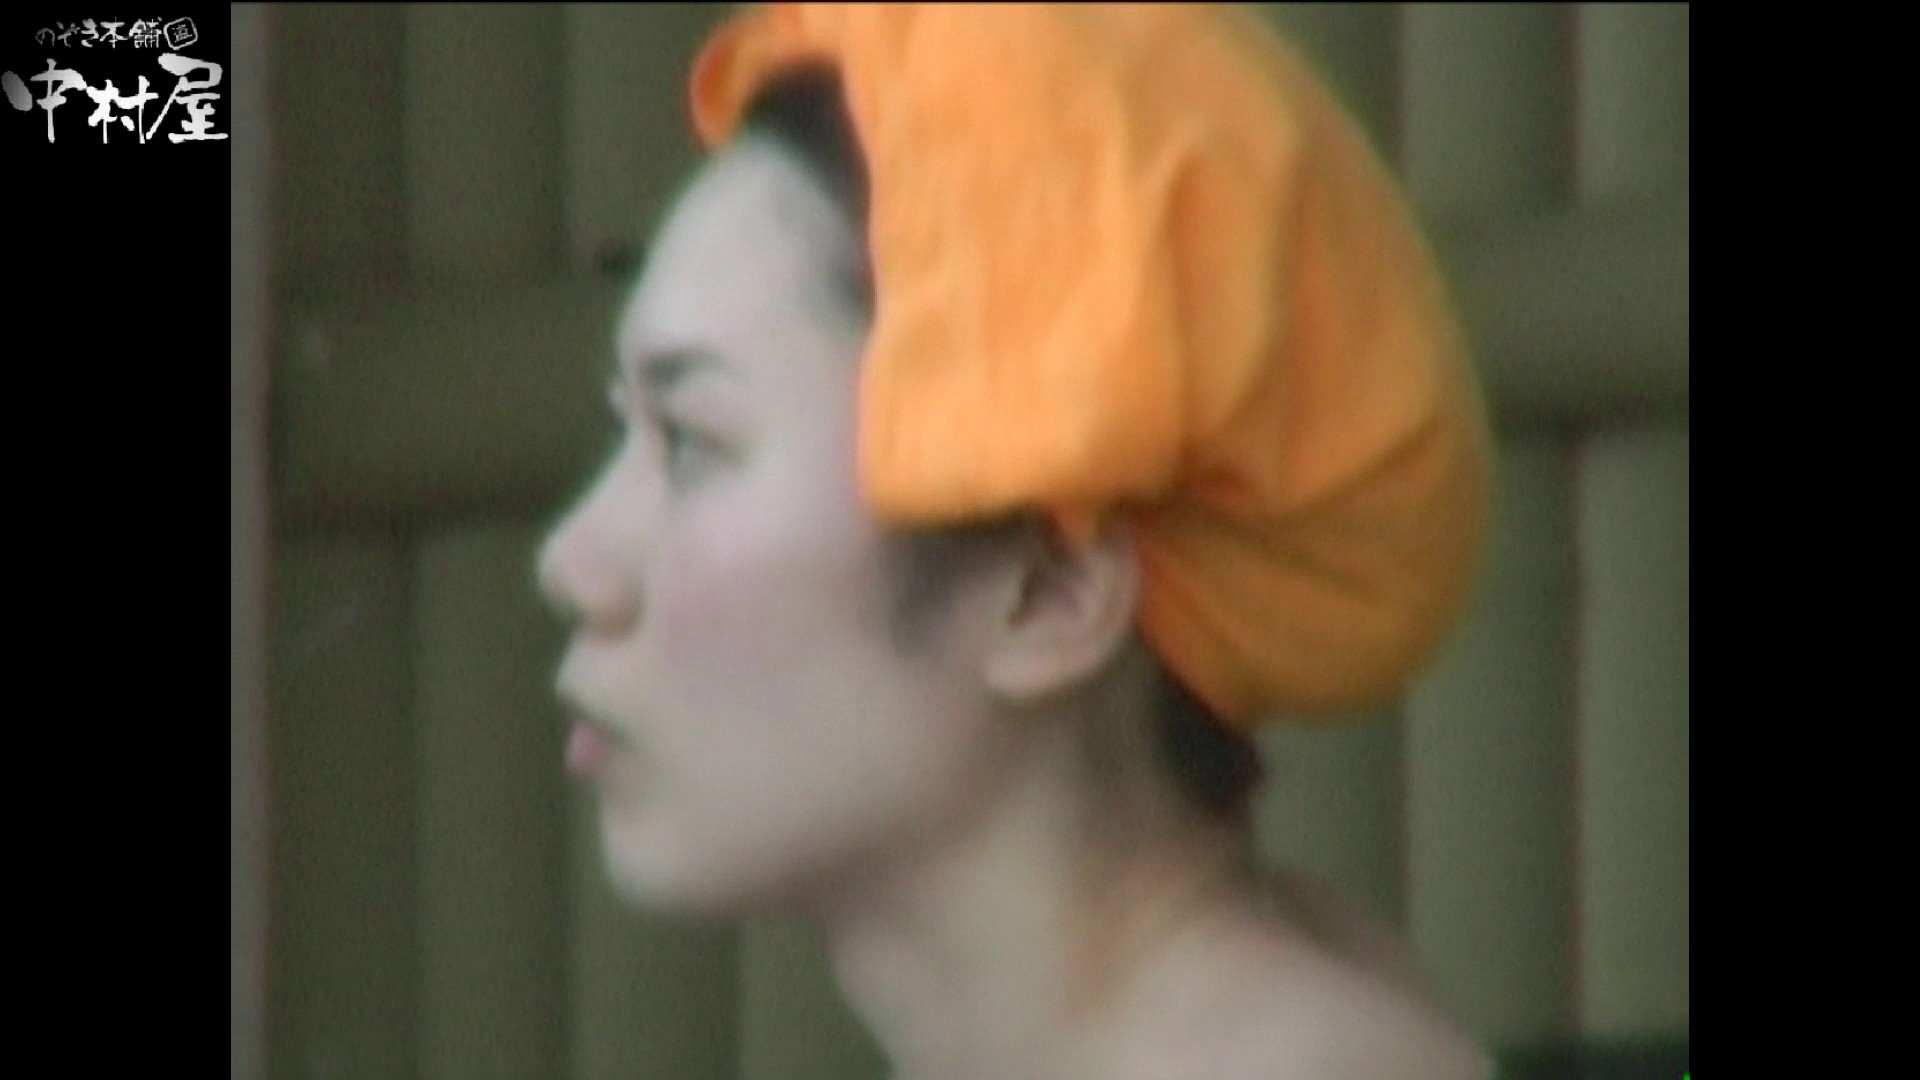 Aquaな露天風呂Vol.978 盗撮 | 露天風呂  73連発 49